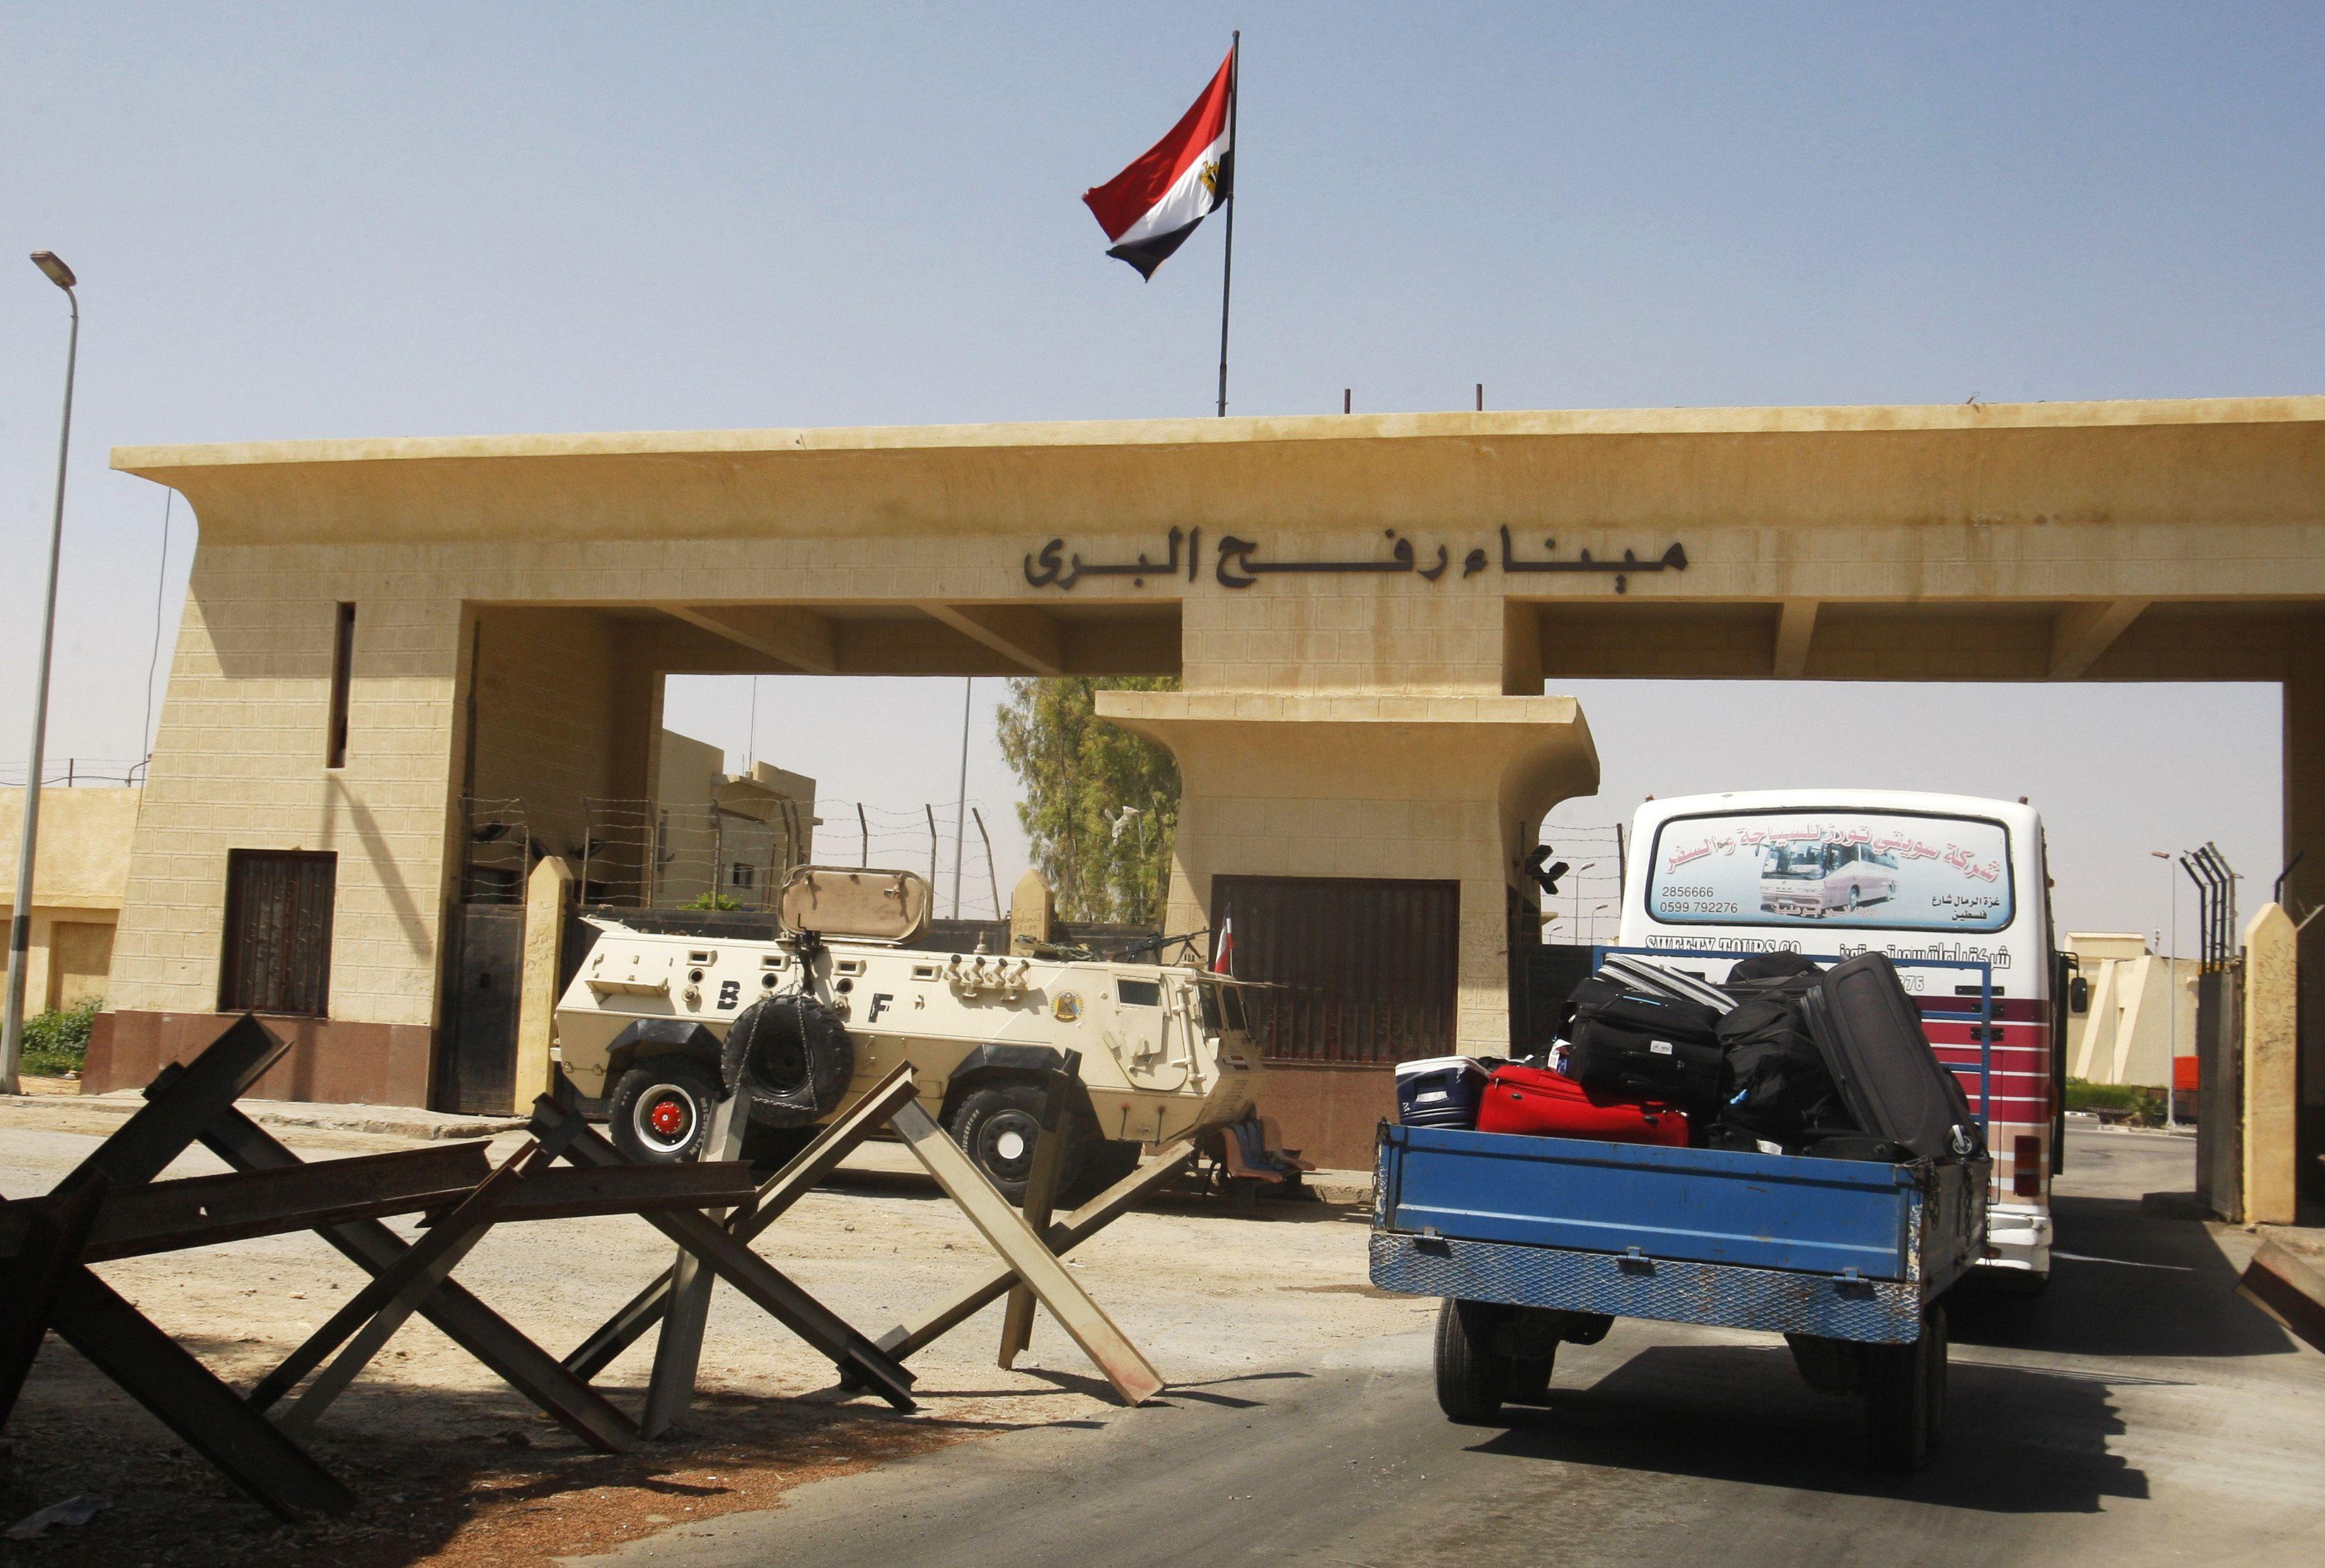 السيد / سيف الدين عبدالرحمن الفرا و زوجته يغادران ارض الوطن